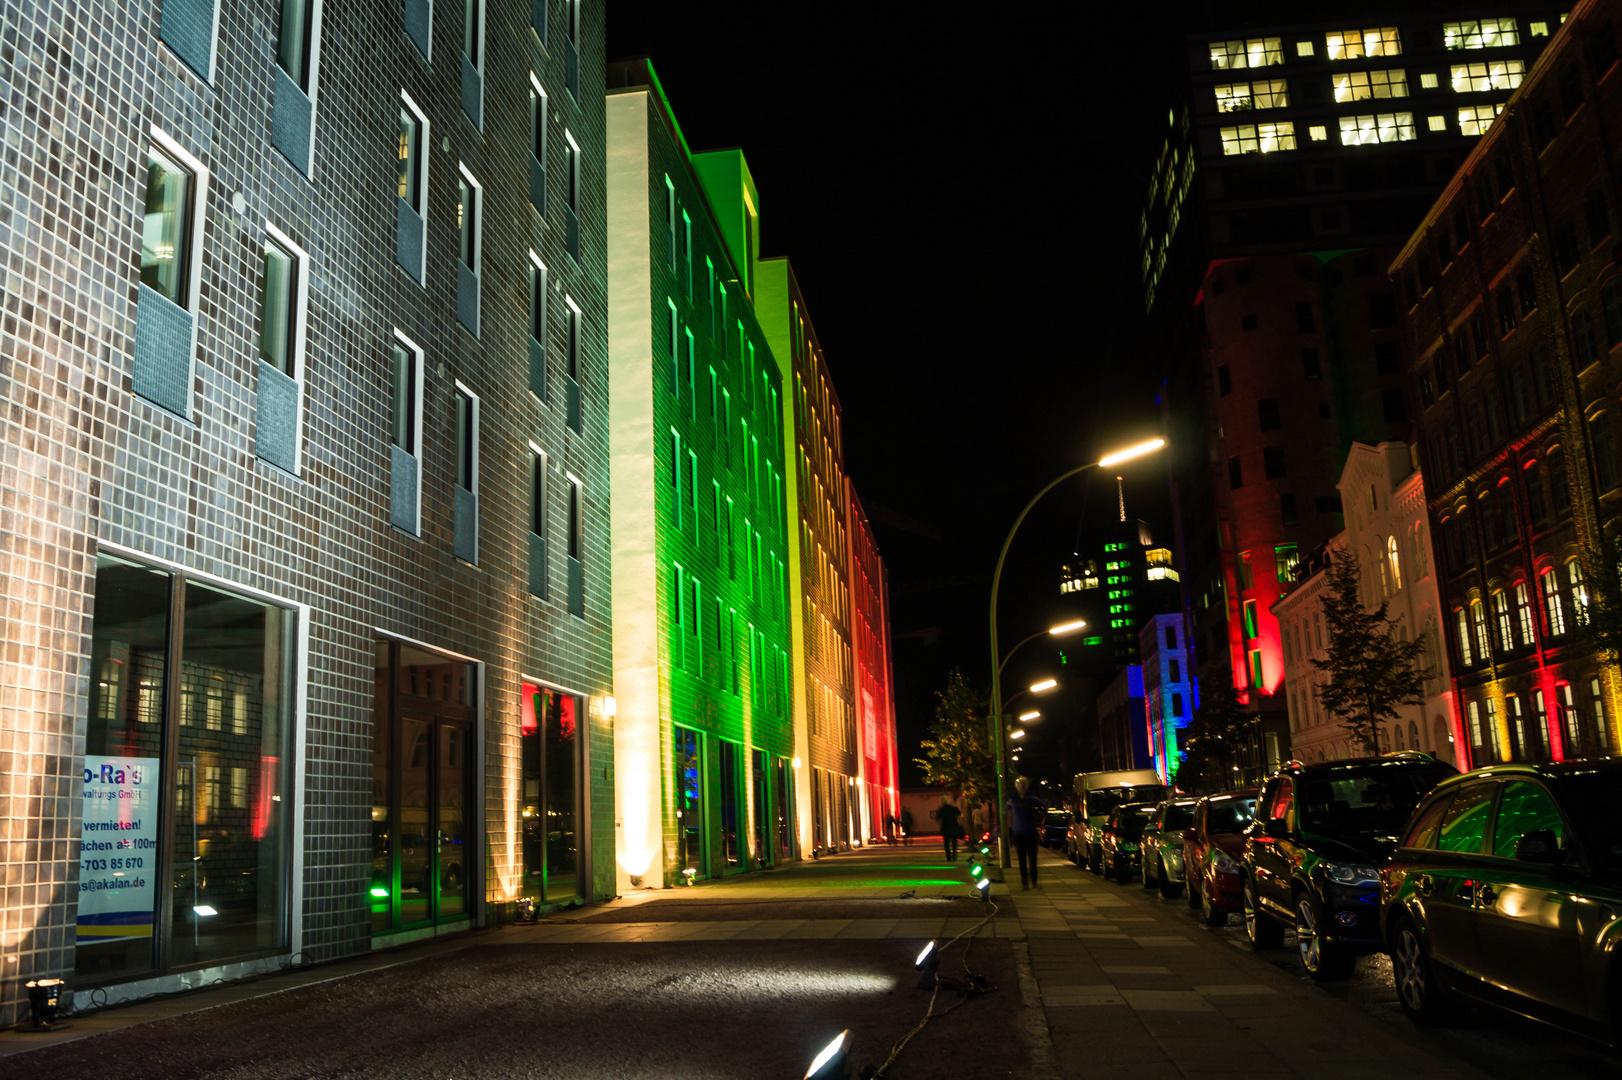 Night of the lights 2 - Hamburg